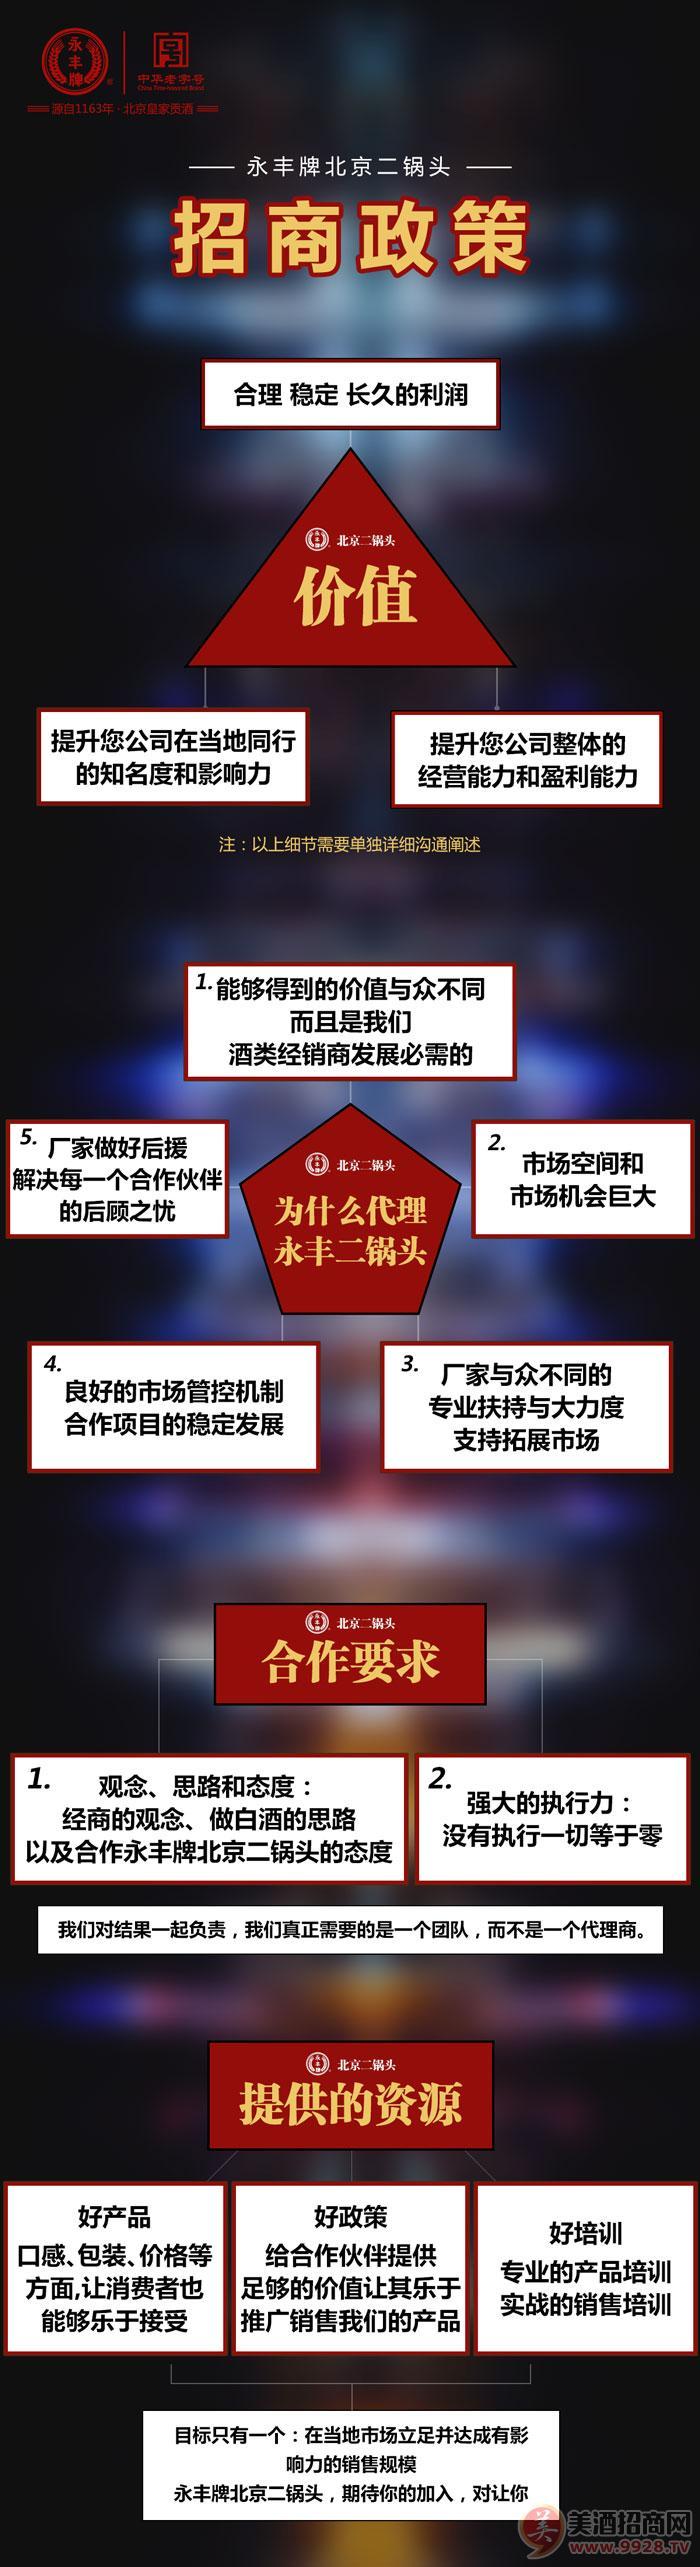 永�S牌北京二��^政策